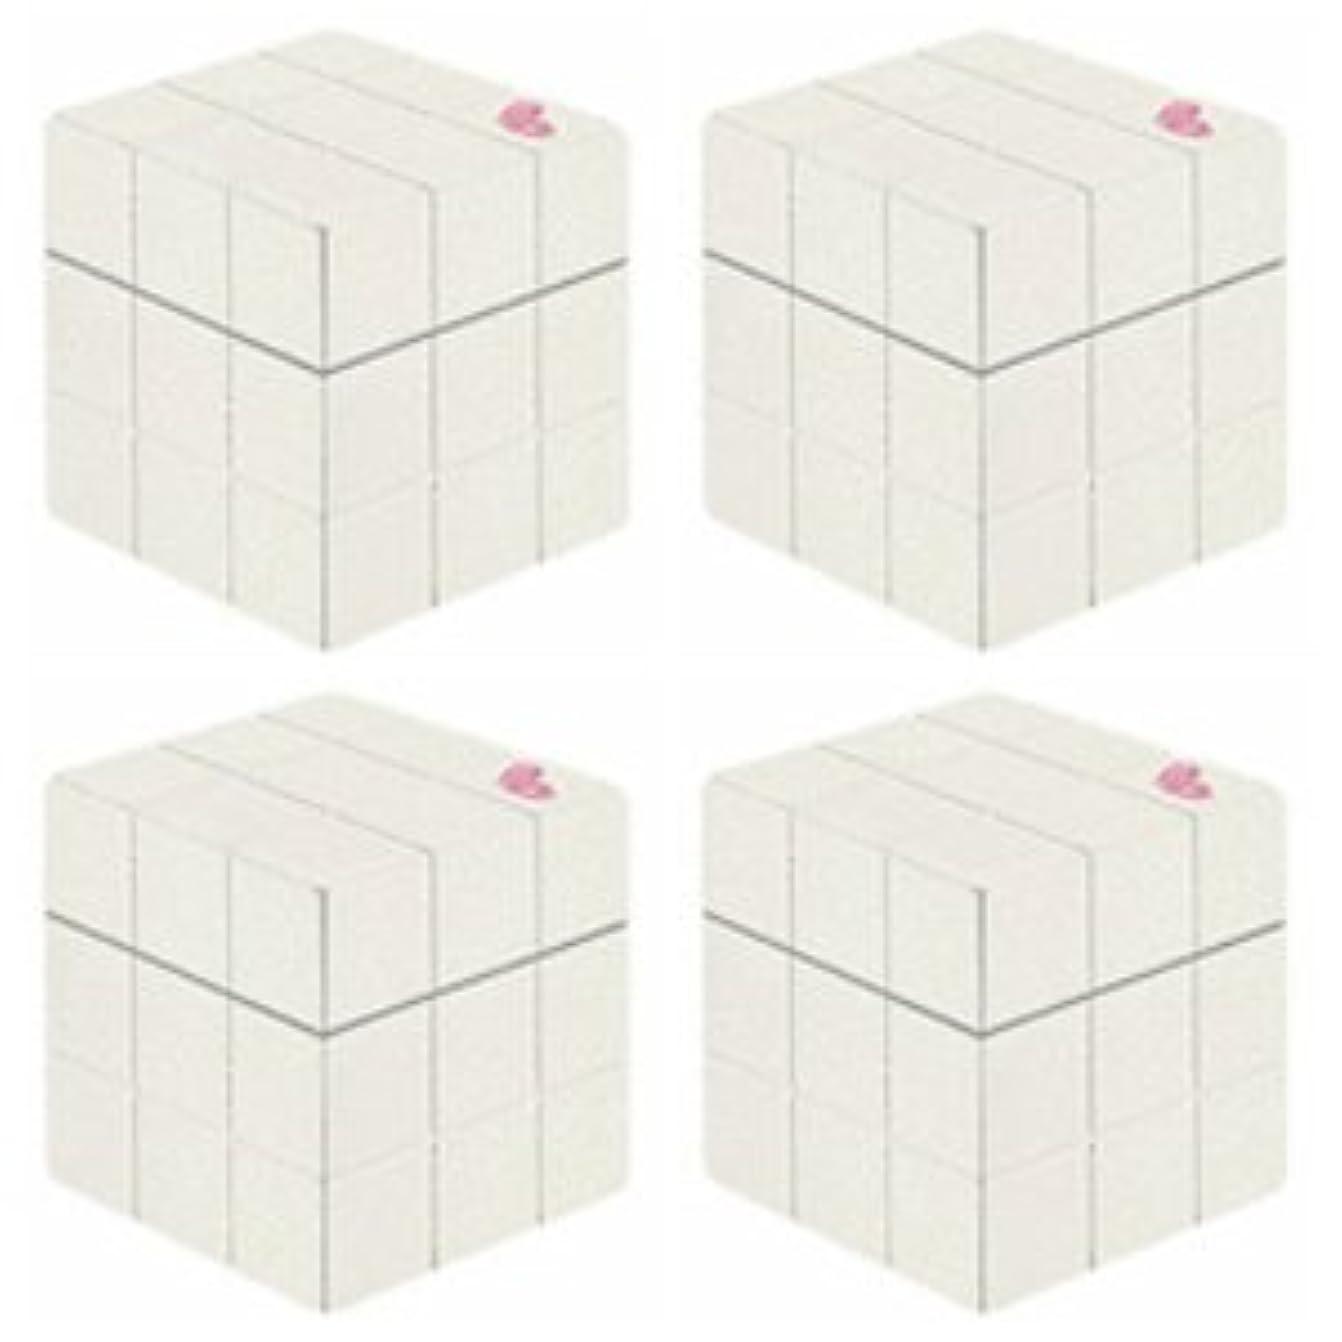 評価可能会議ノート【X4個セット】 アリミノ ピース プロデザインシリーズ グロスワックス ホワイト 80g ARIMINO